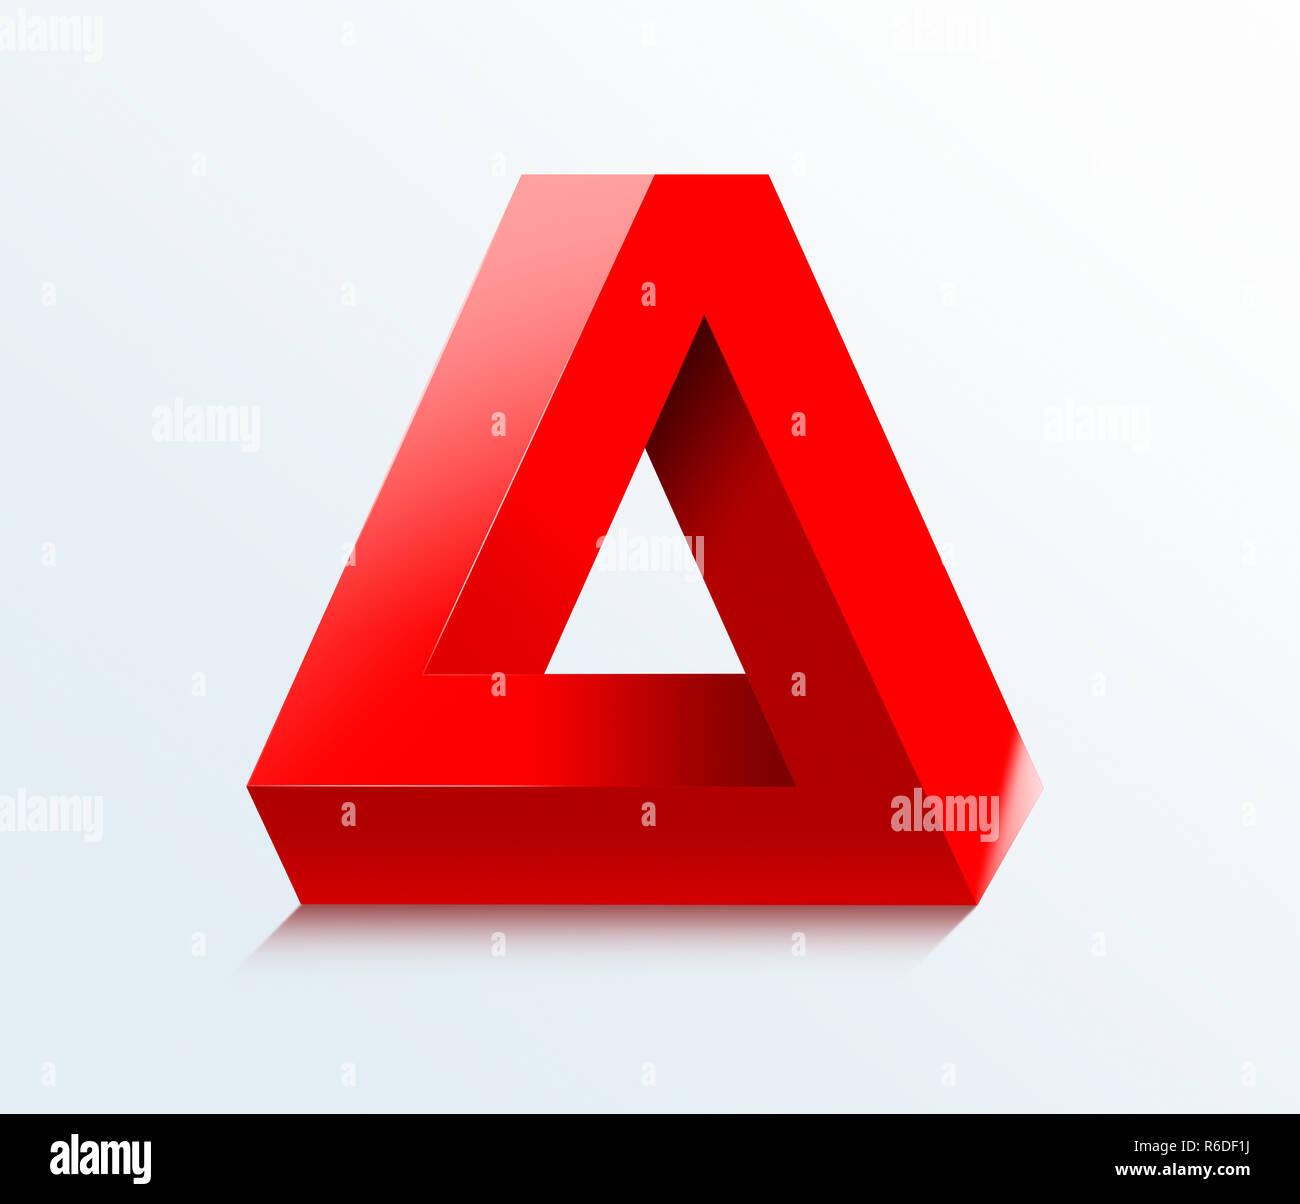 Imagen Digital de estilo Escher ilusión óptica imposible triangular rojo sobre un fondo blanco. Imagen De Stock